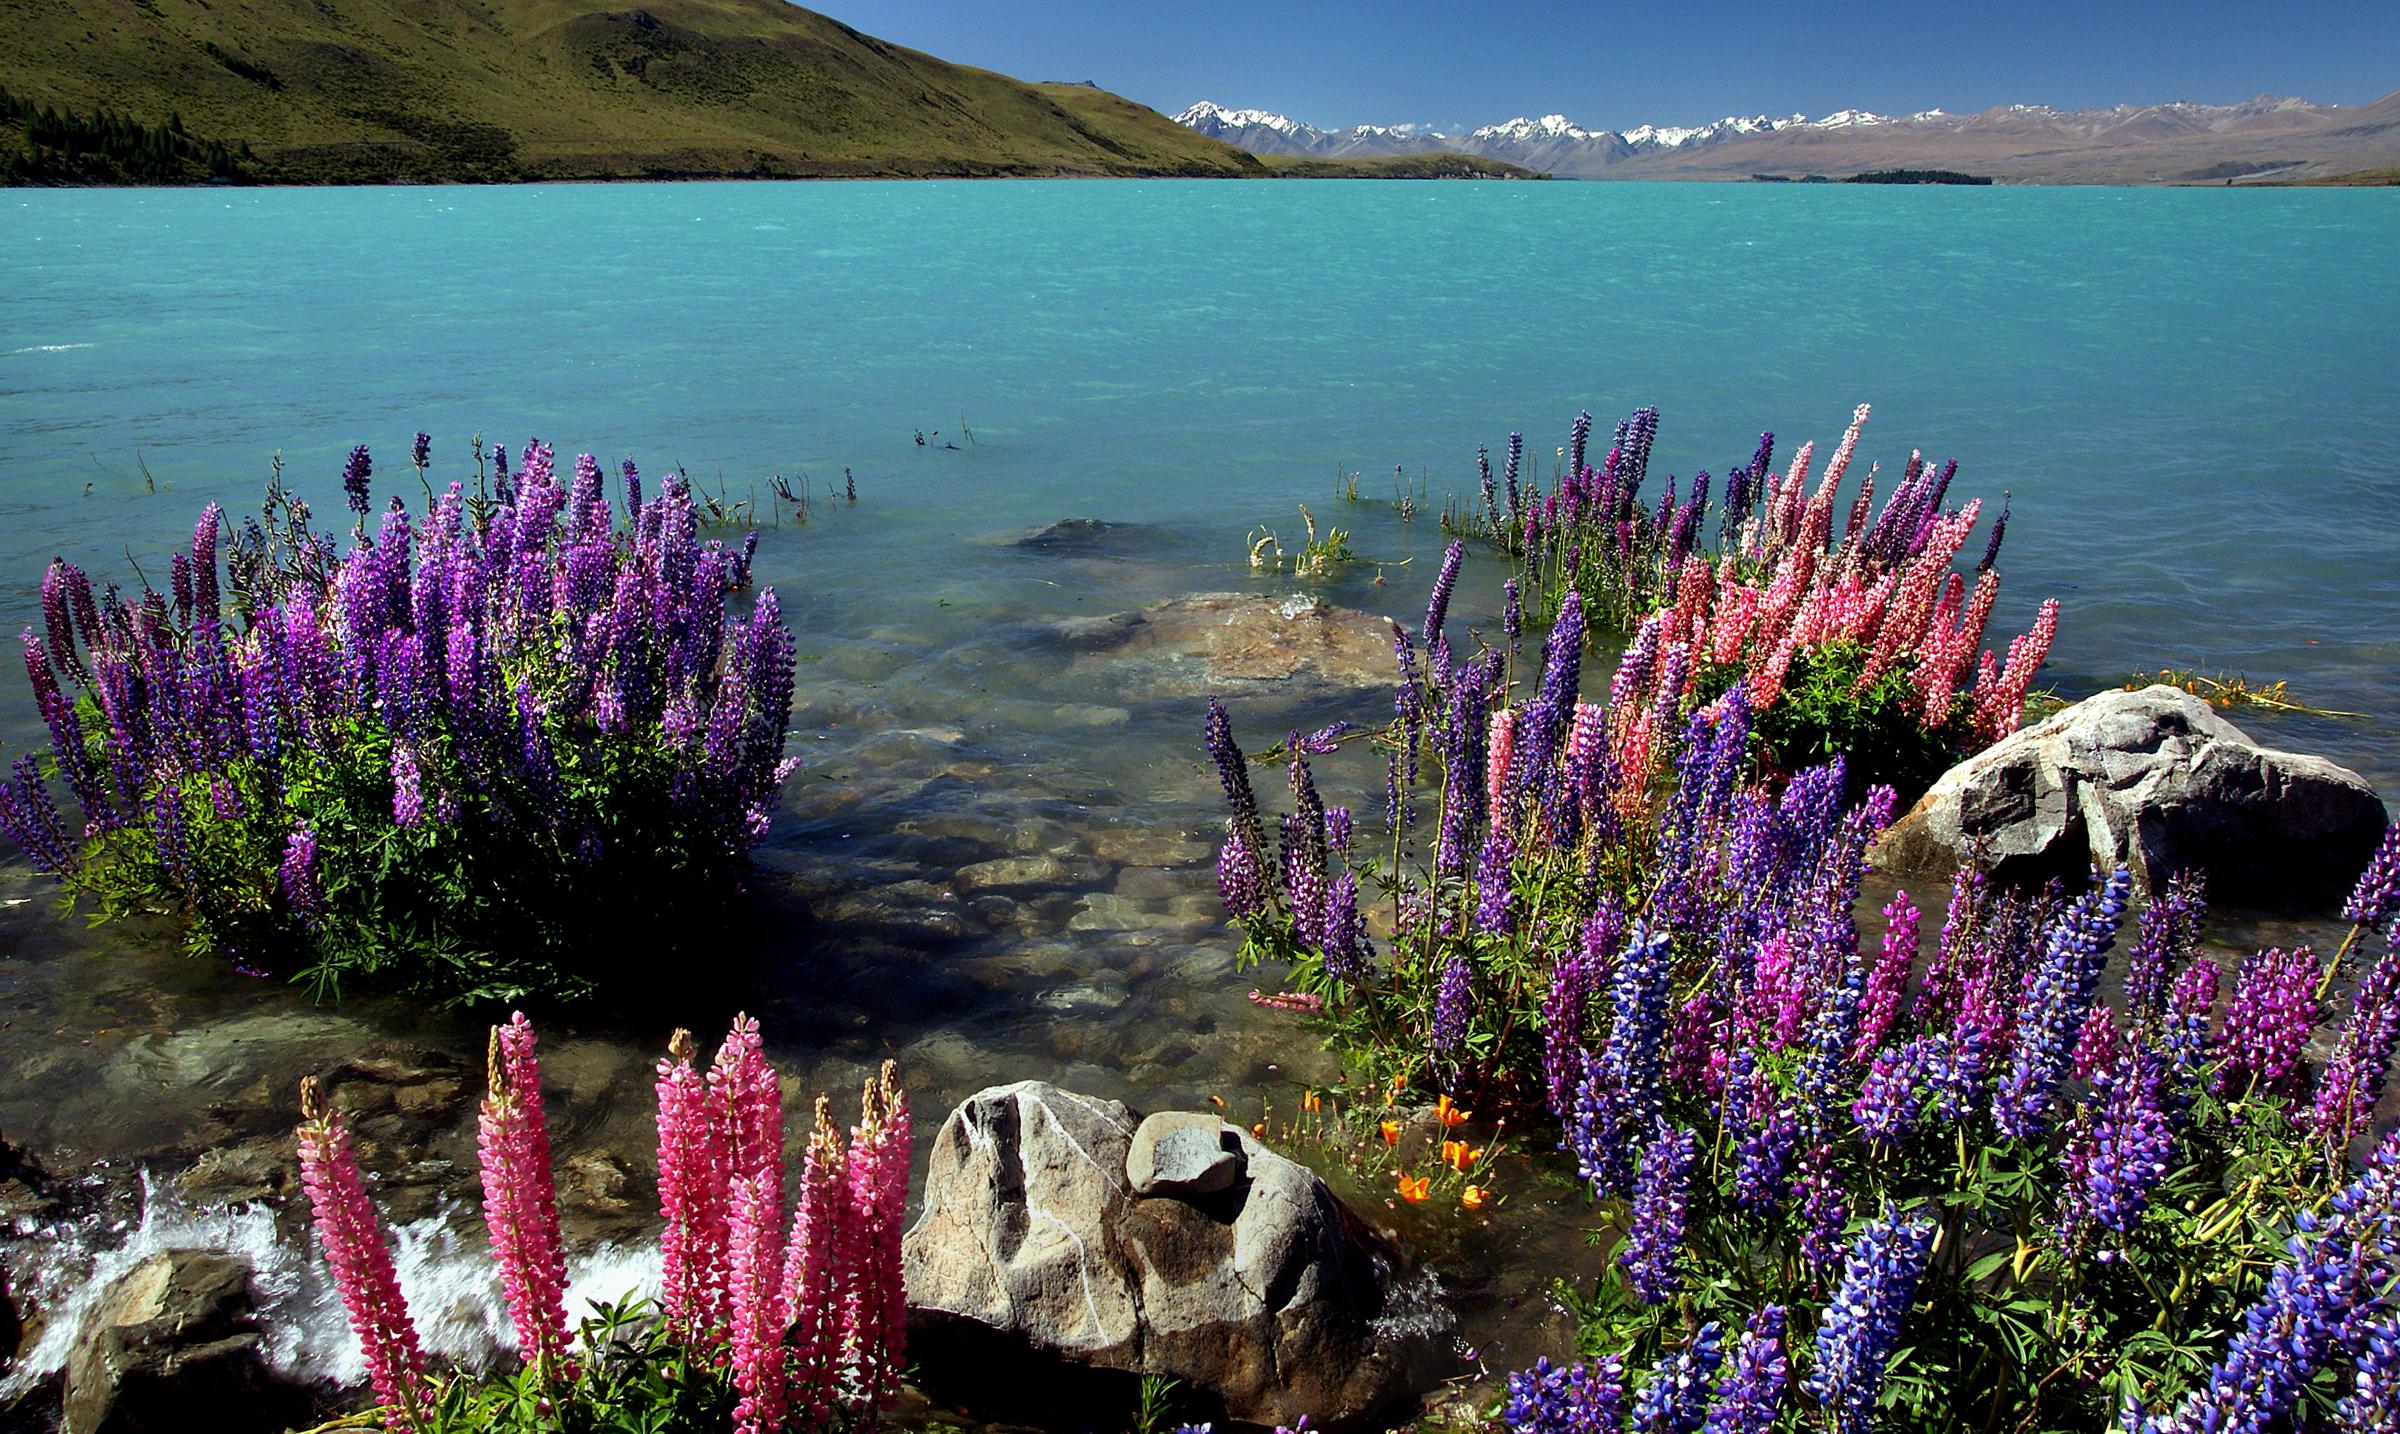 стрижка, прическа красивые дикие цветы фото настоящее